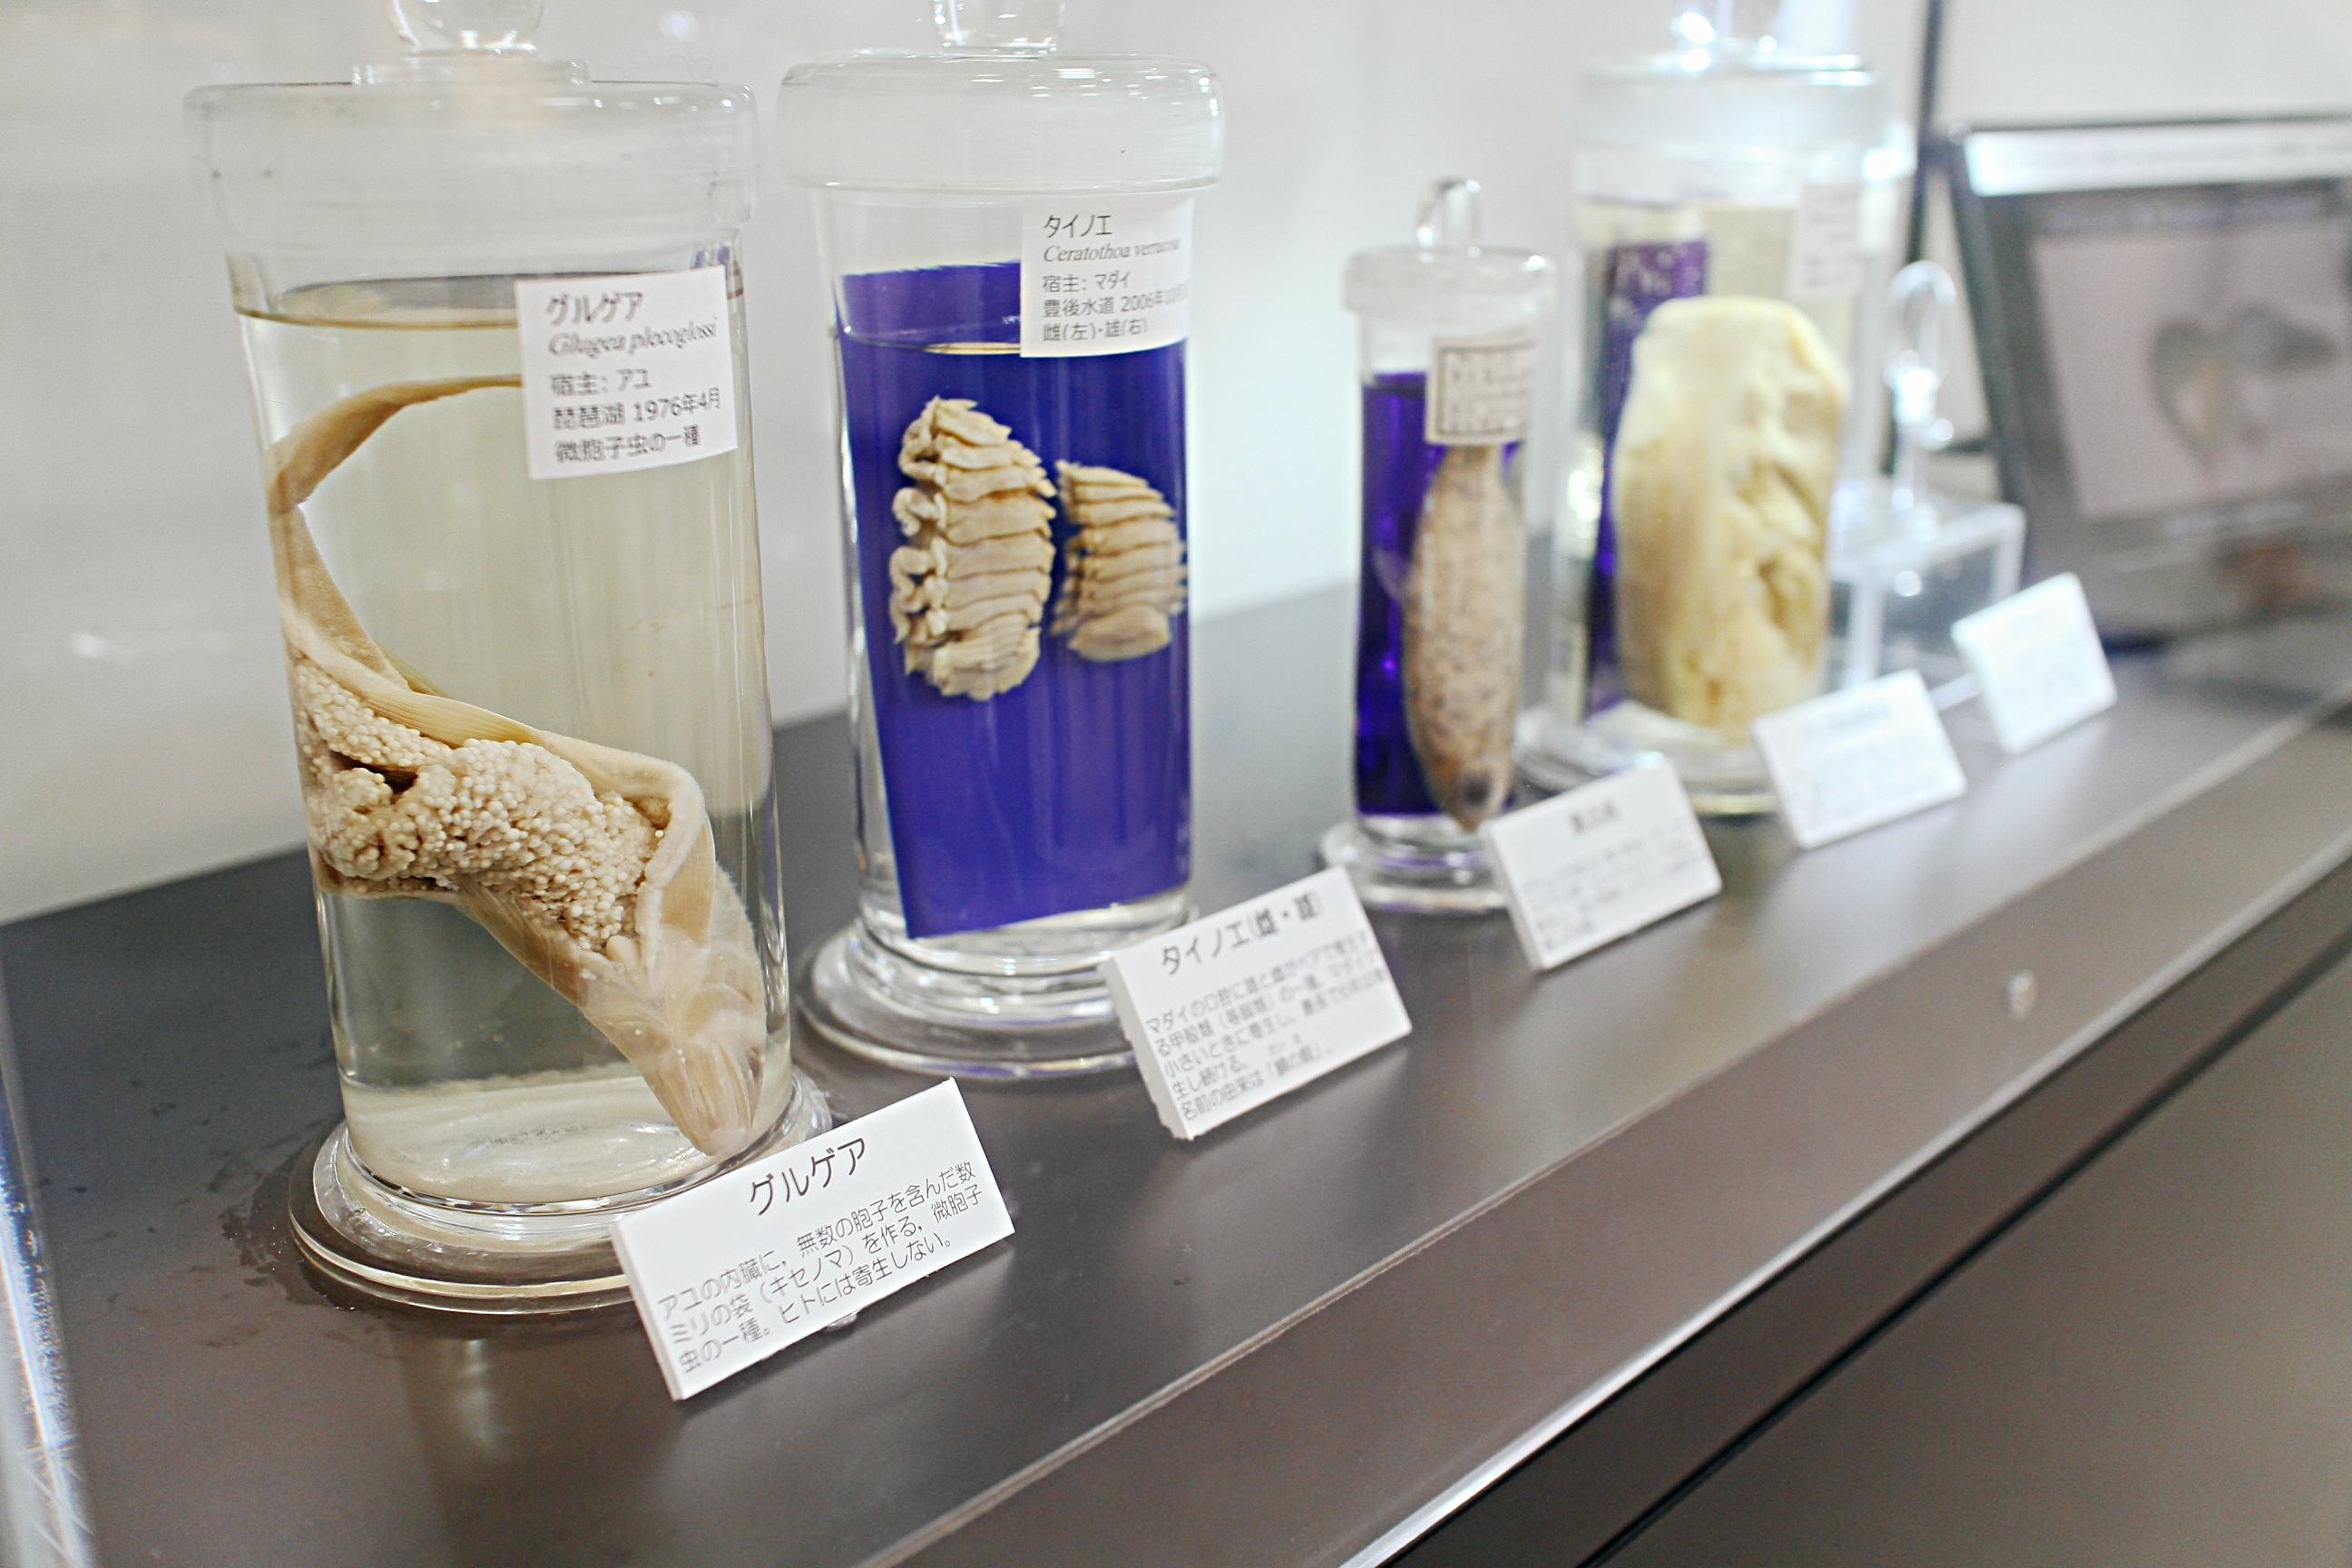 Meguro Parasite Museum fish